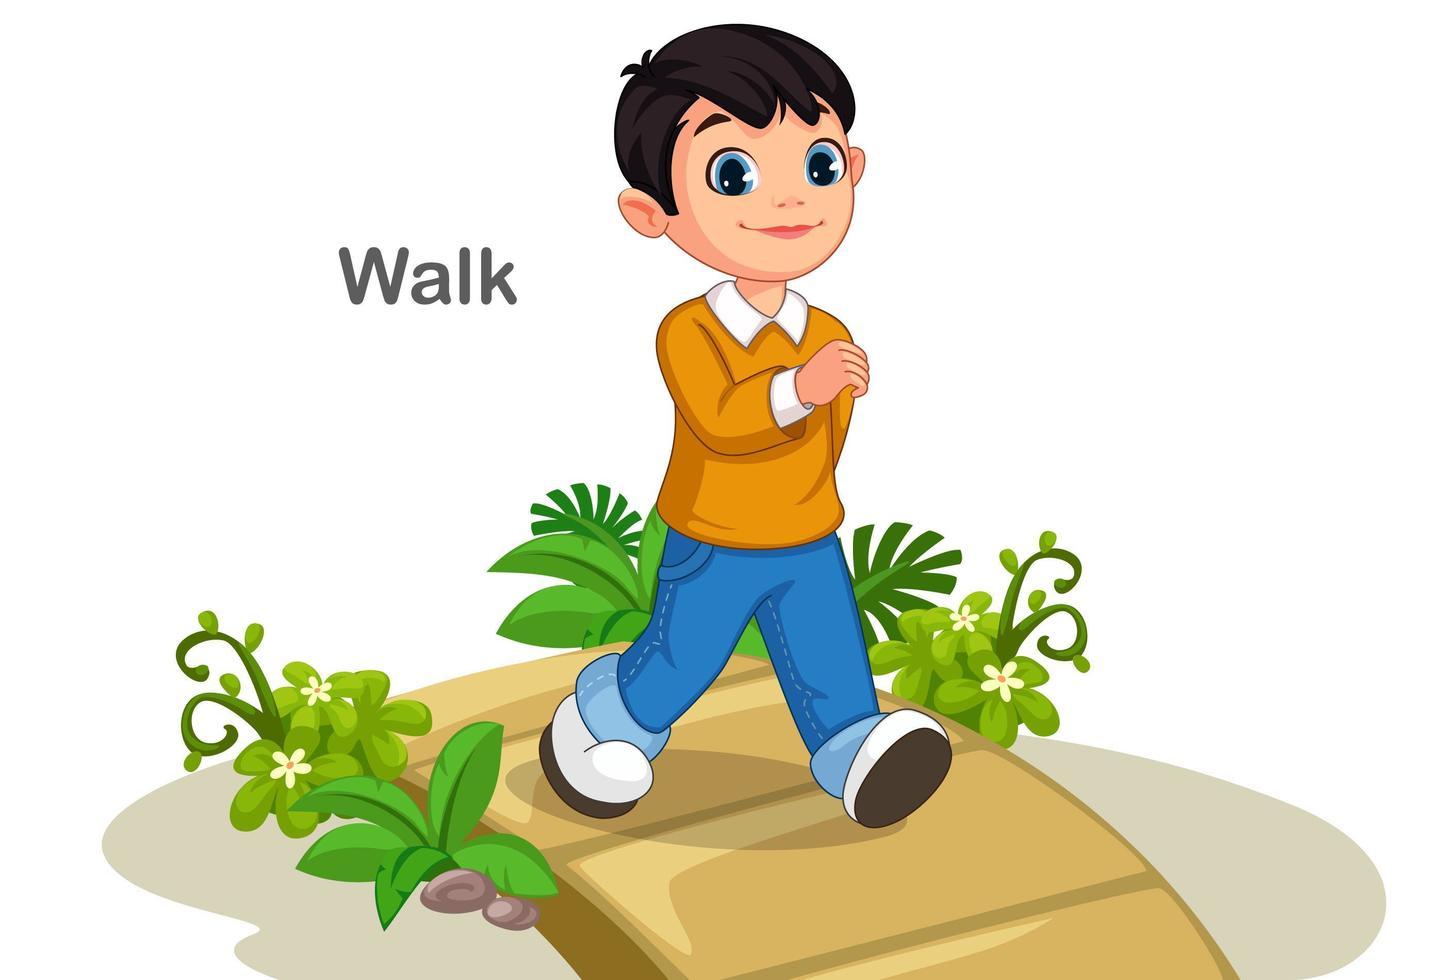 schattige jongen lopen op het pad vector